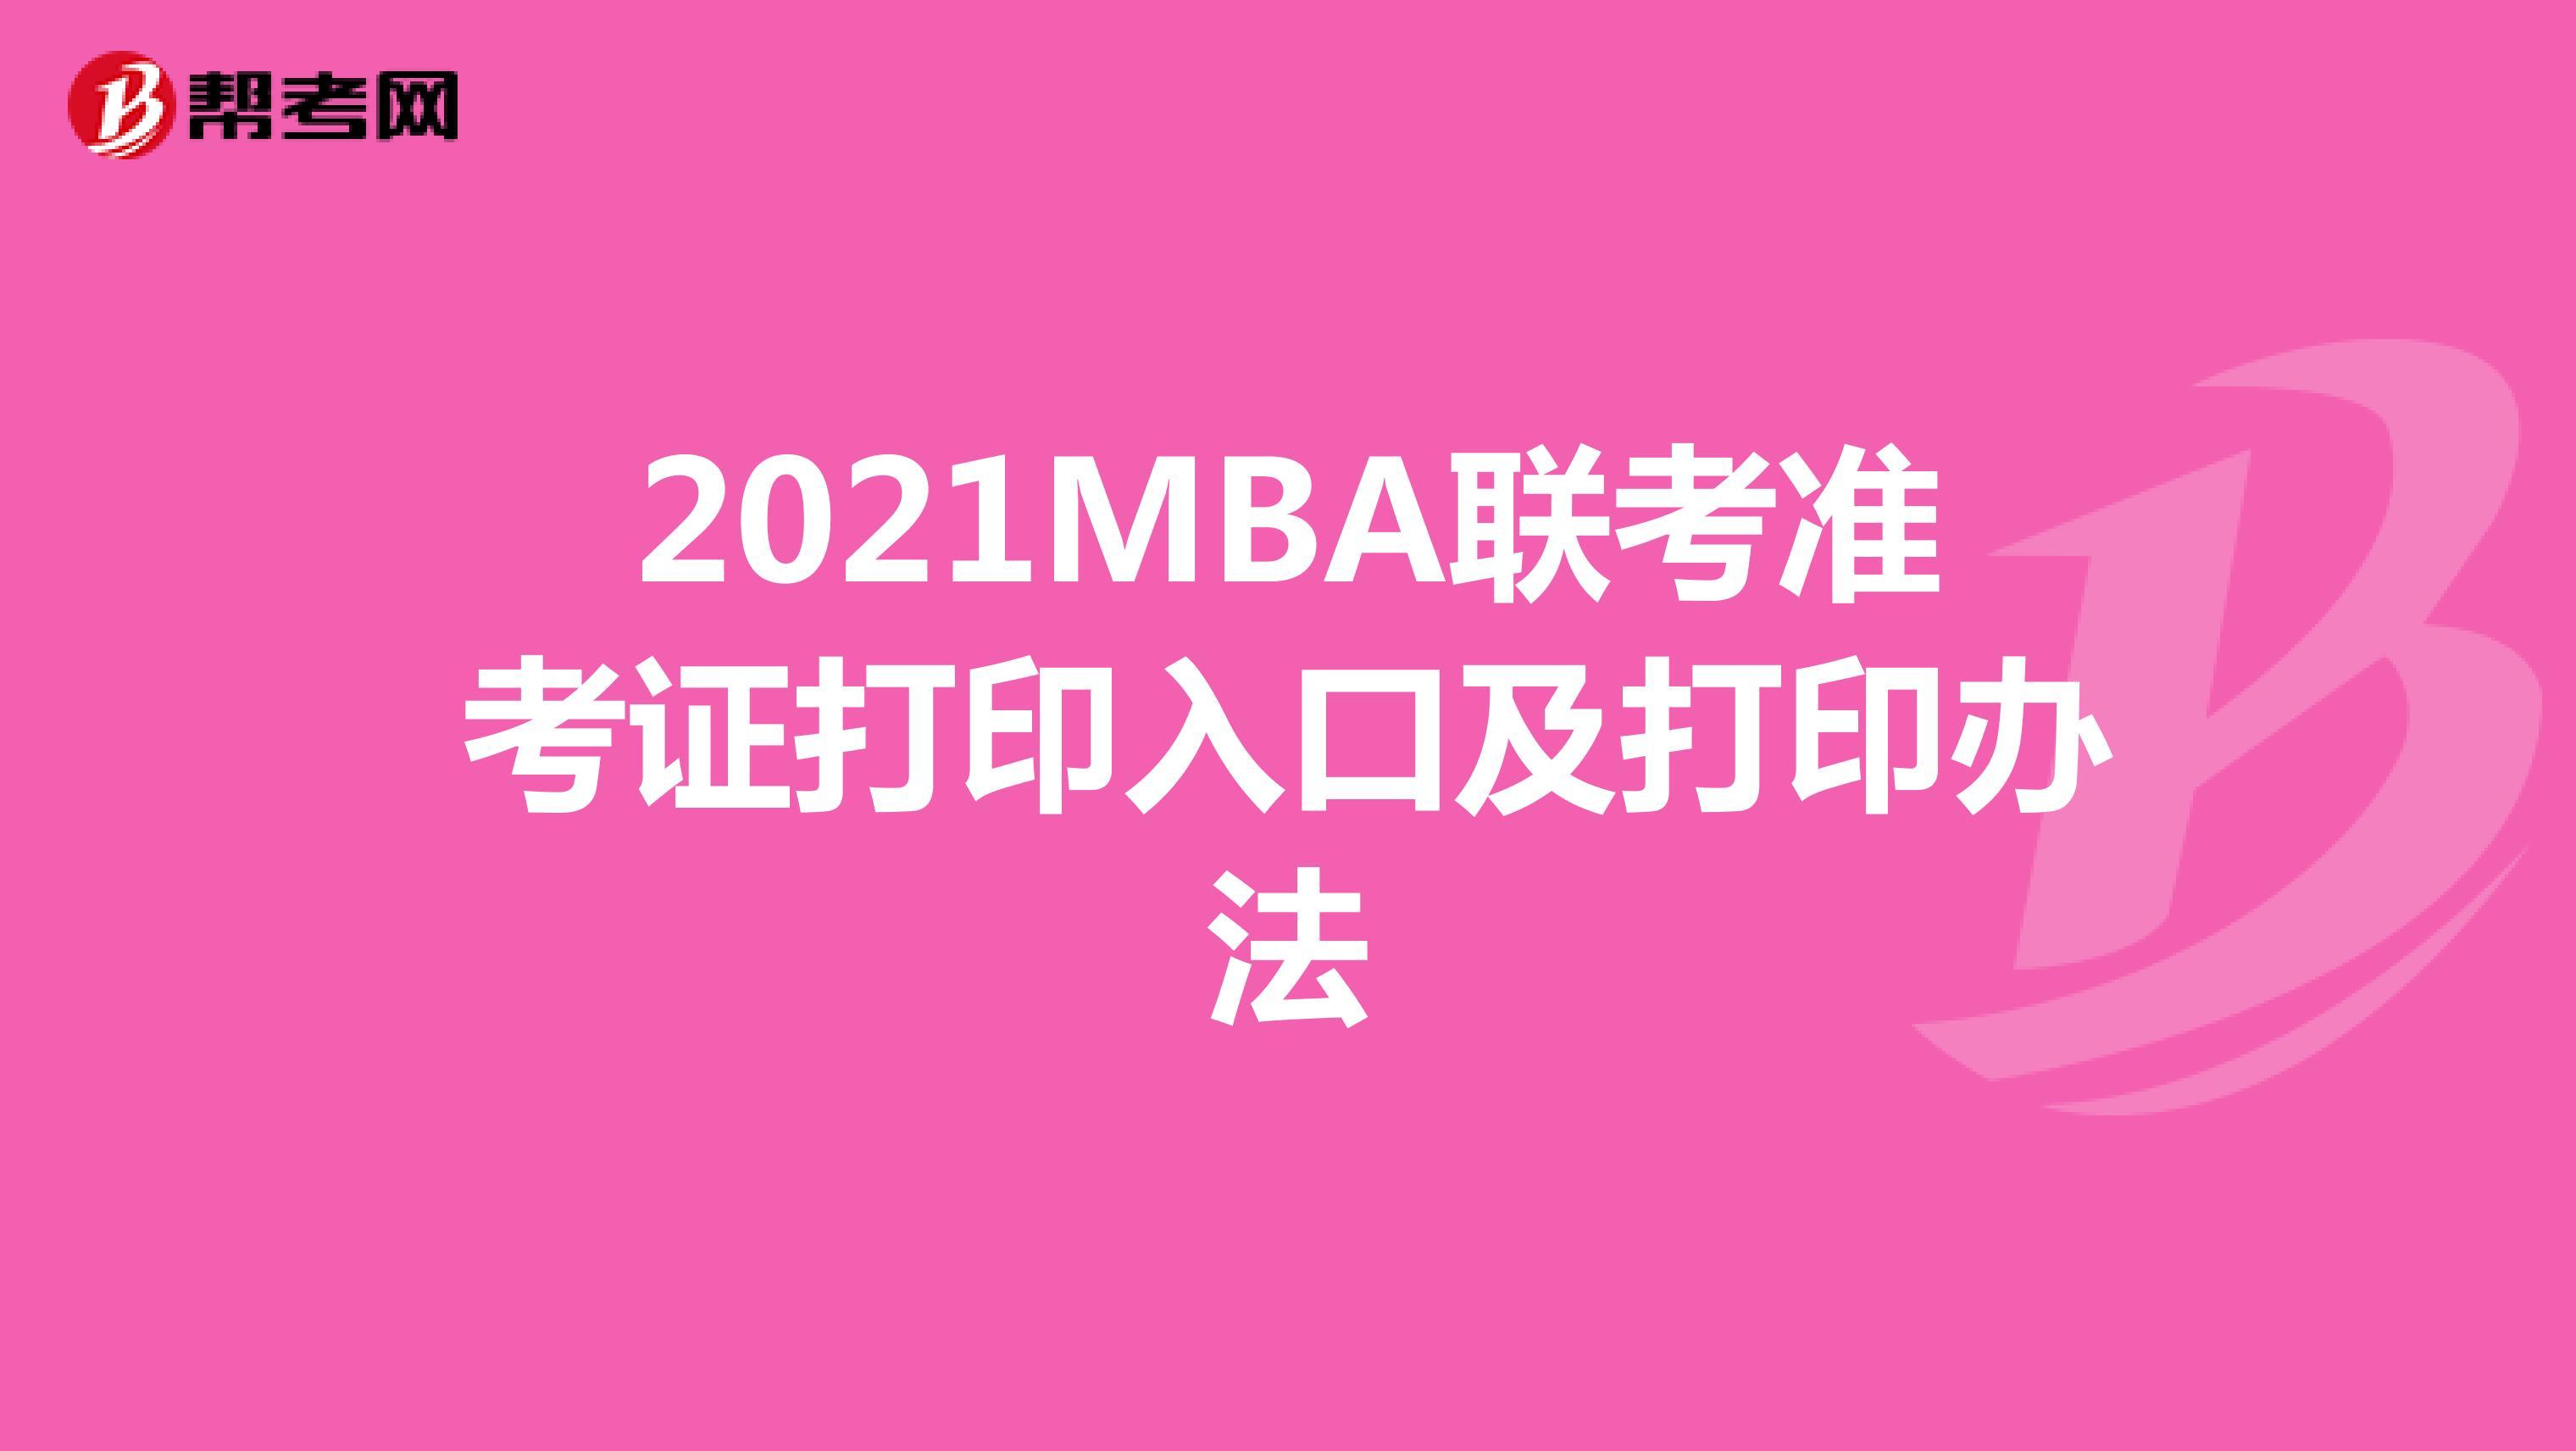 2021MBA聯考準考證打印入口及打印辦法